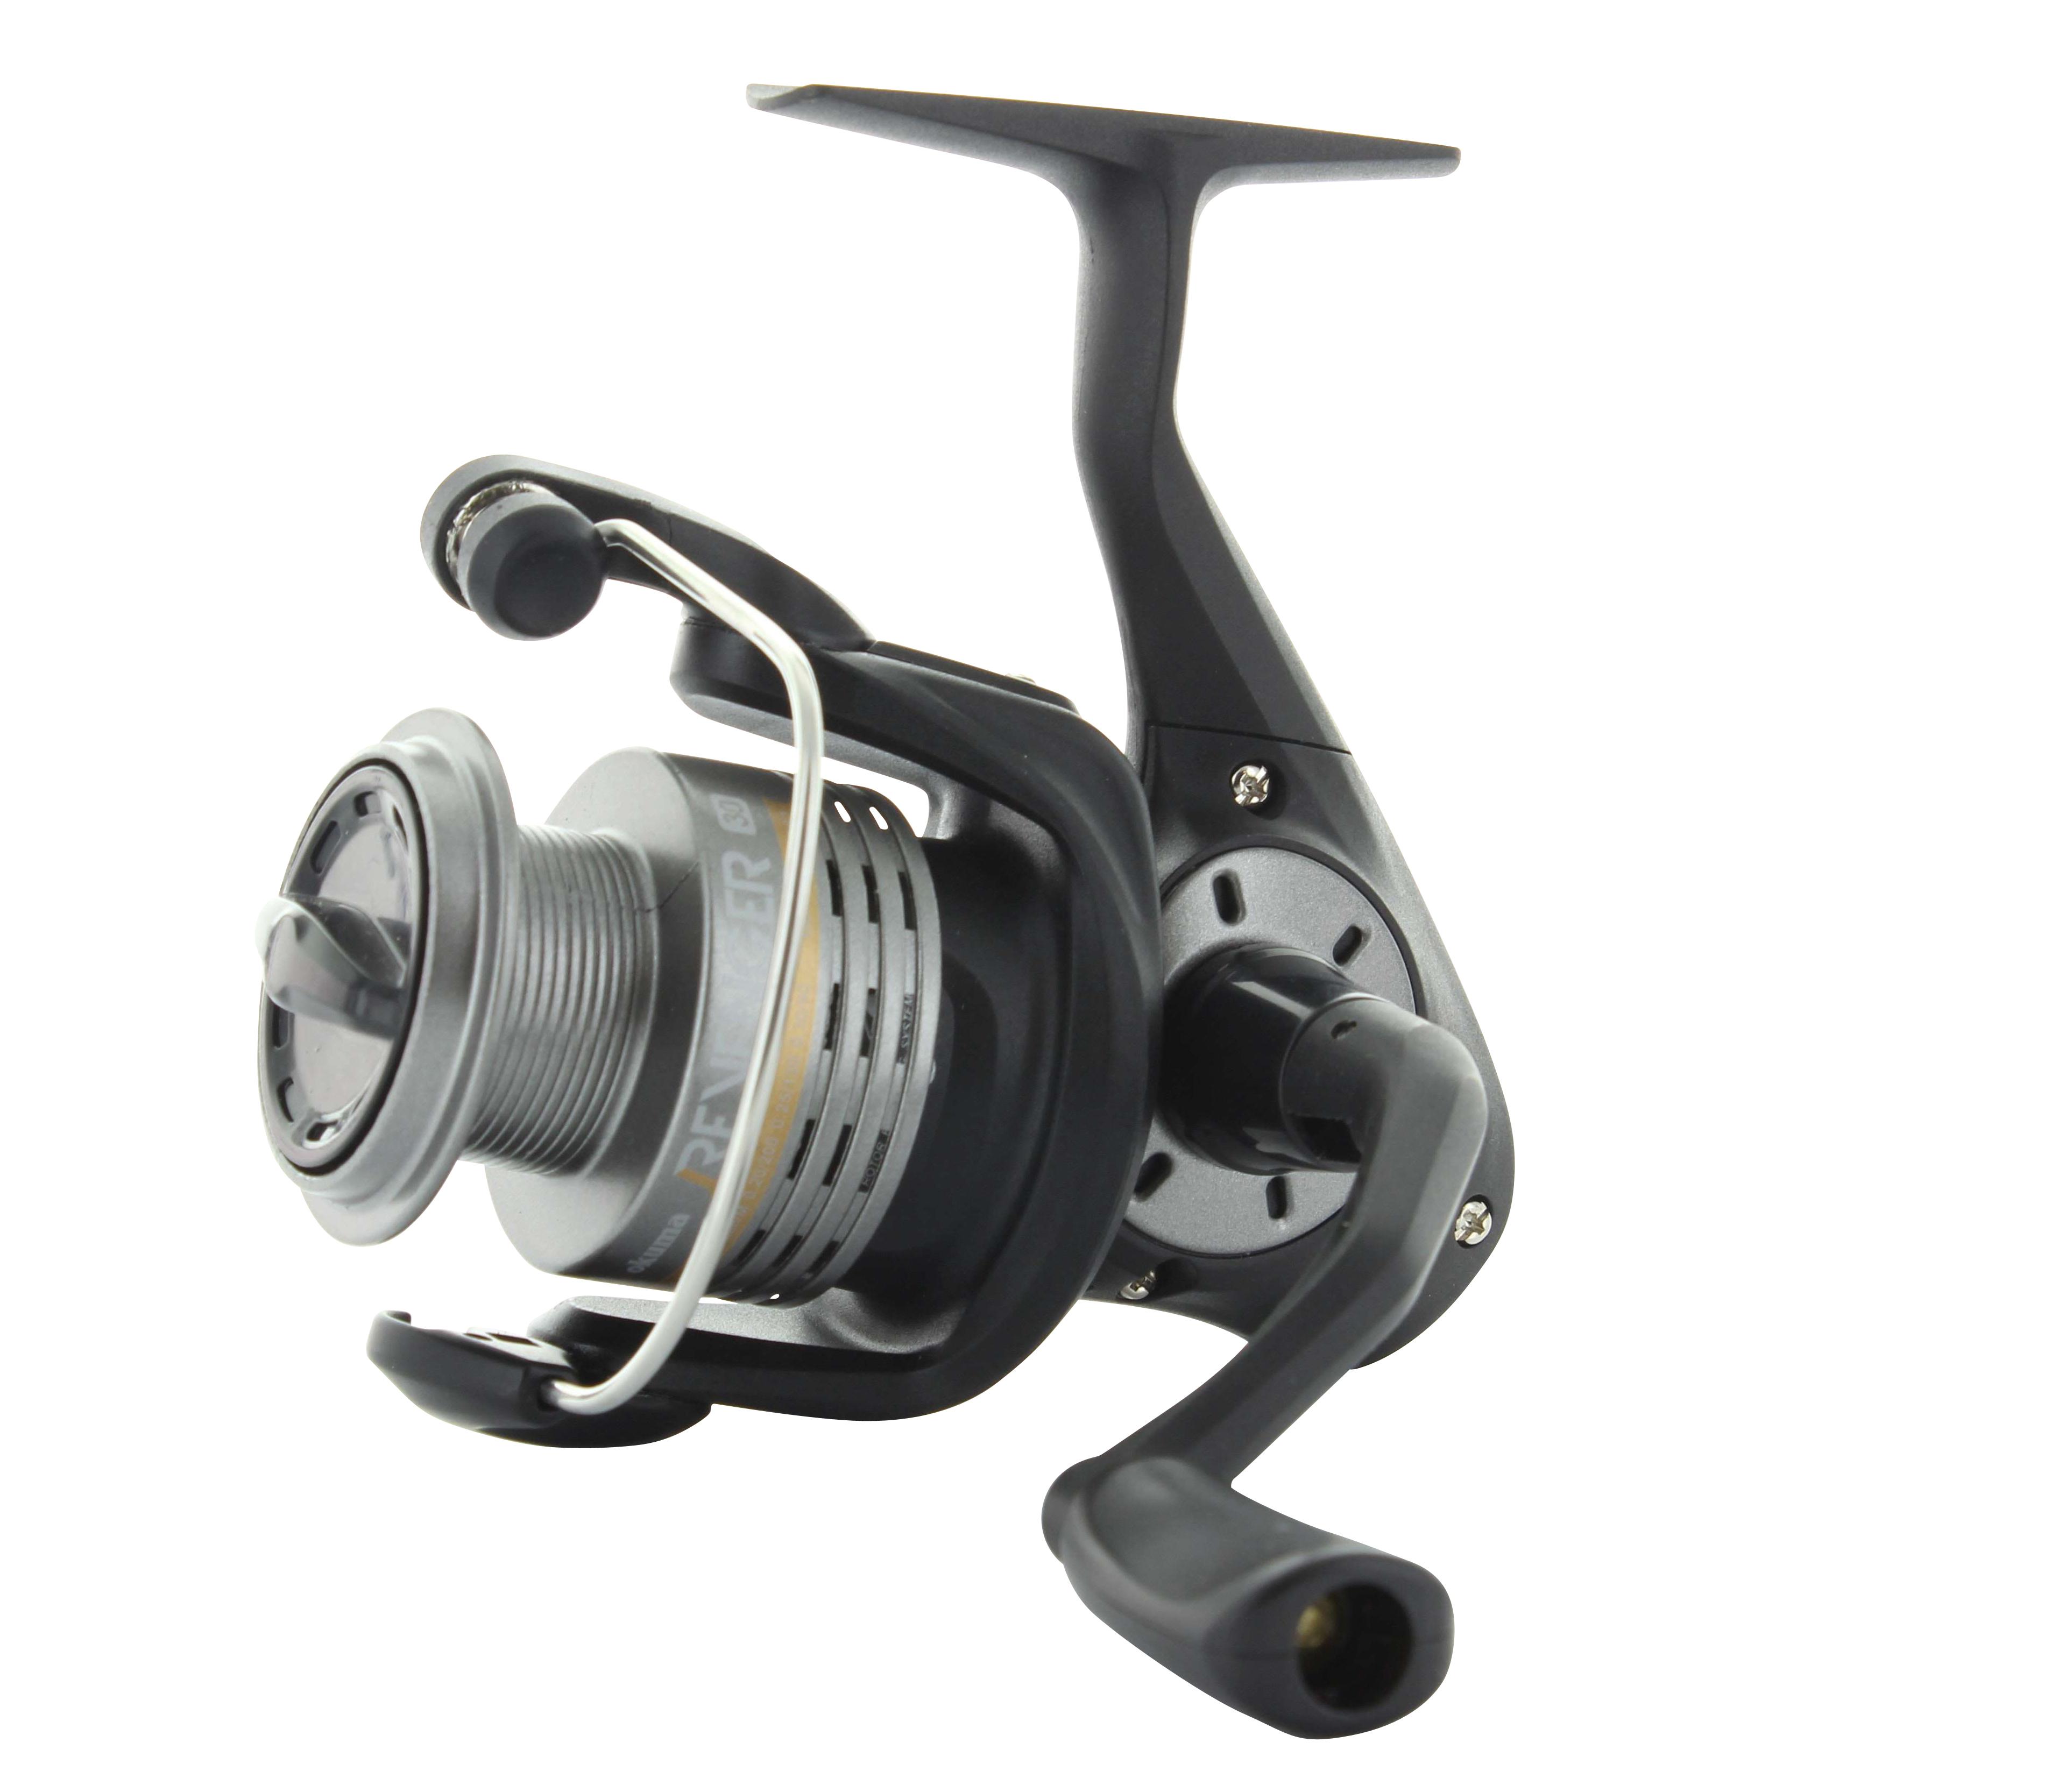 Okuma revenger spinning fixed spool fishing reels ebay for Okuma fishing reels for sale